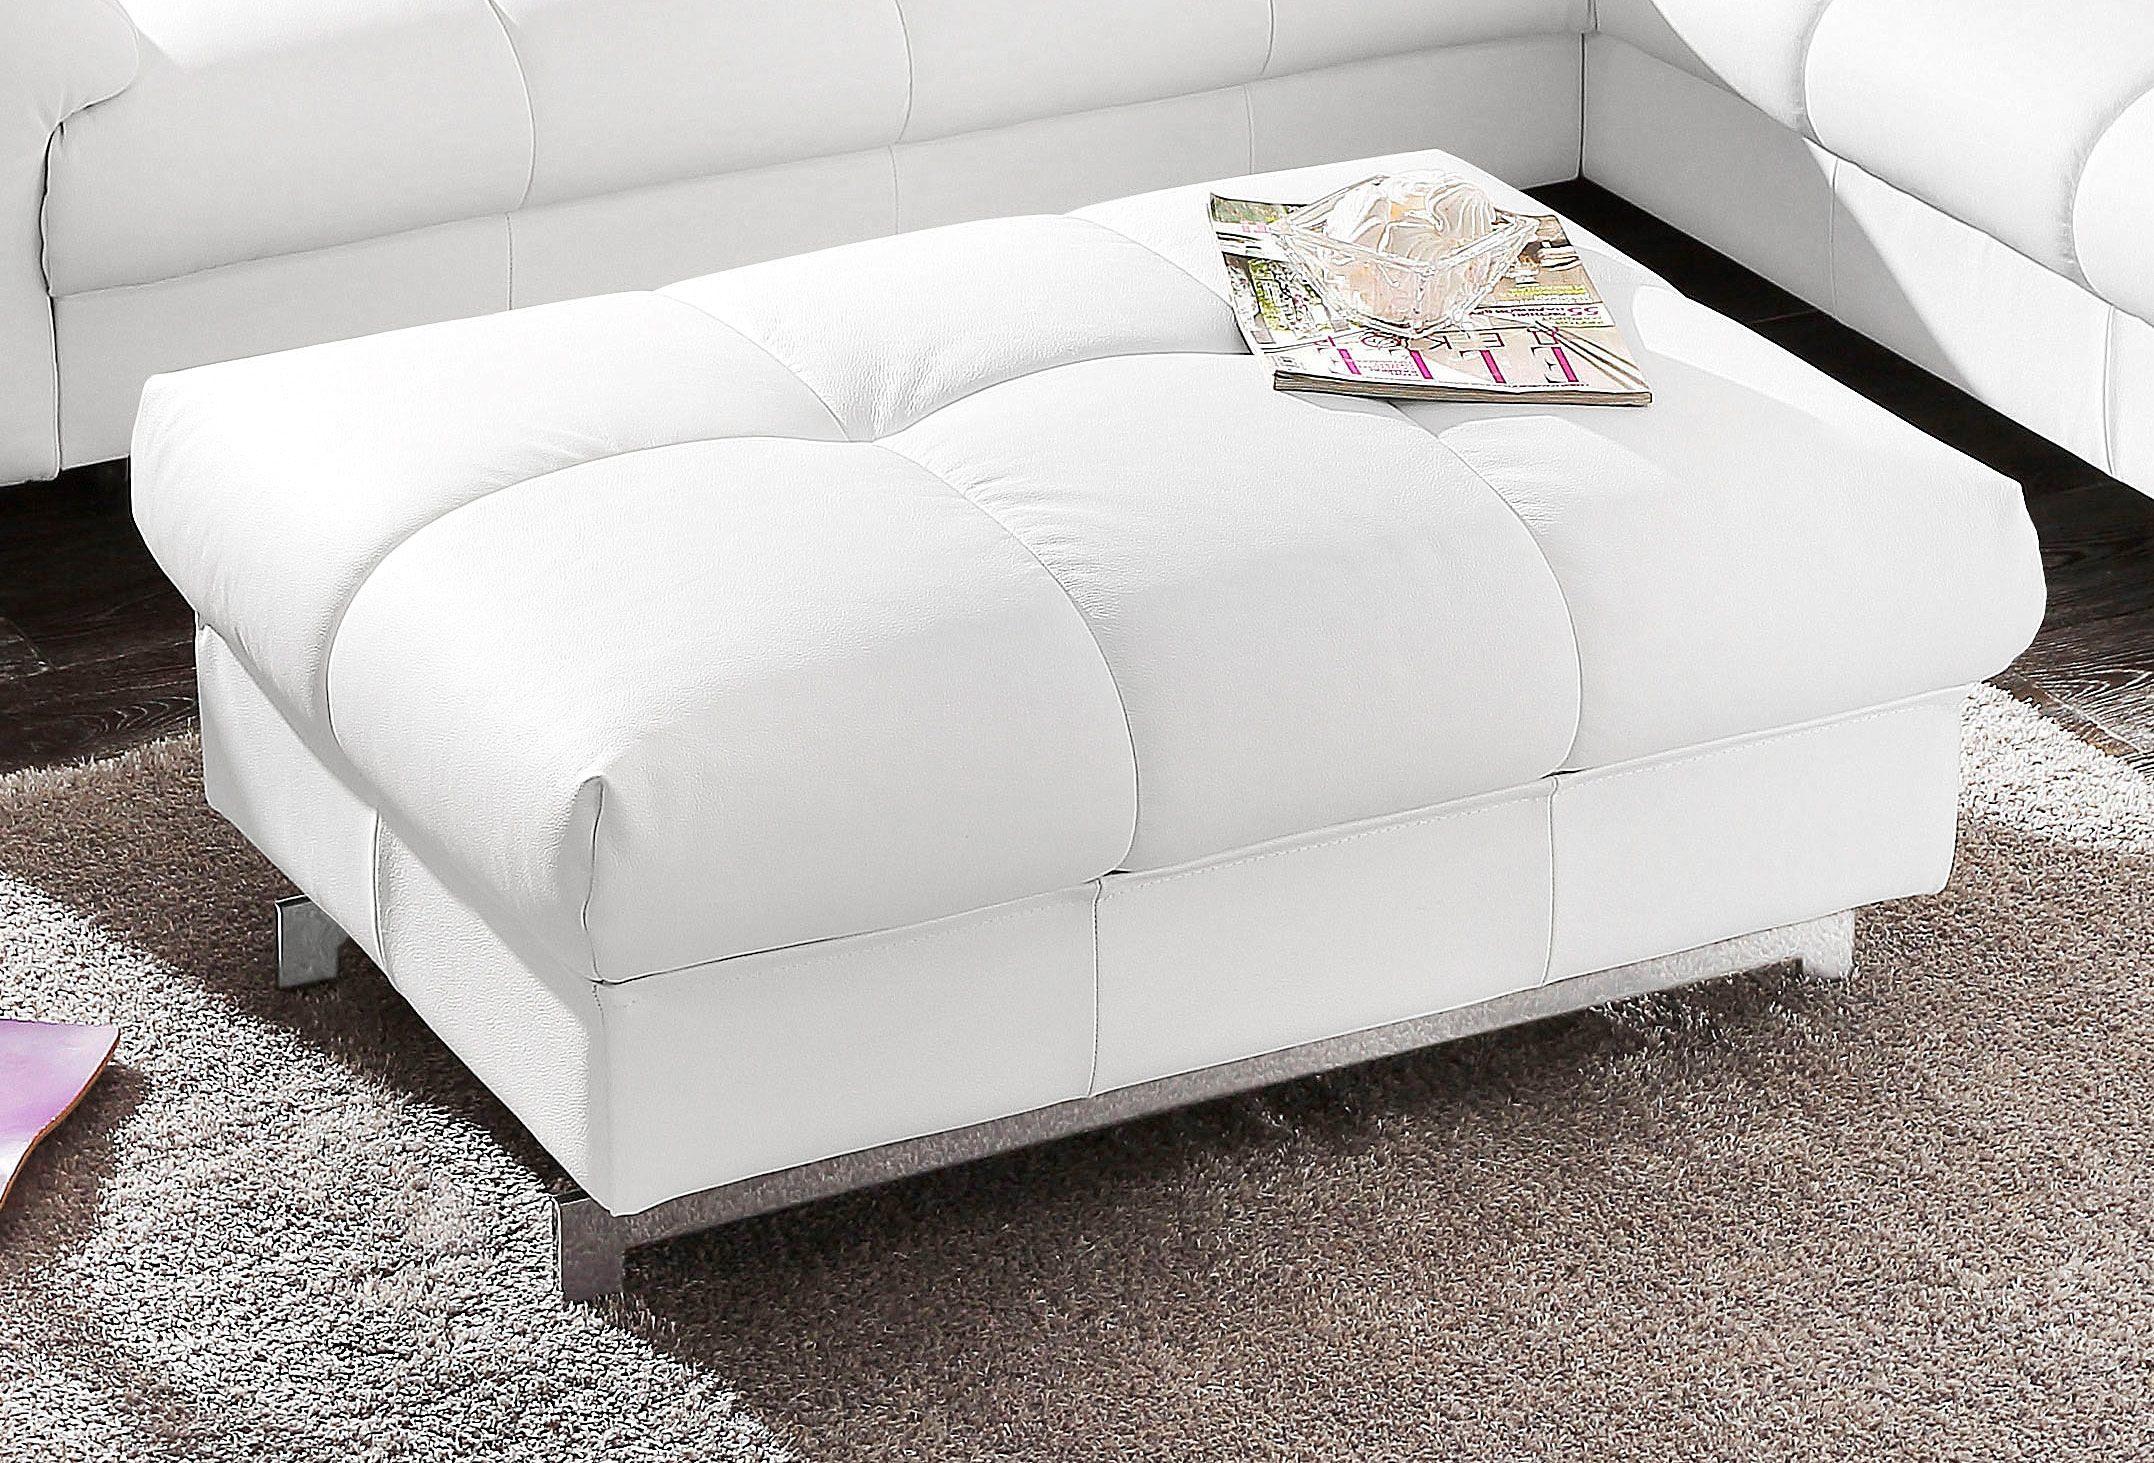 Hocker | Wohnzimmer > Hocker & Poufs > Sitzhocker | Leder - Microfaser | Cotta